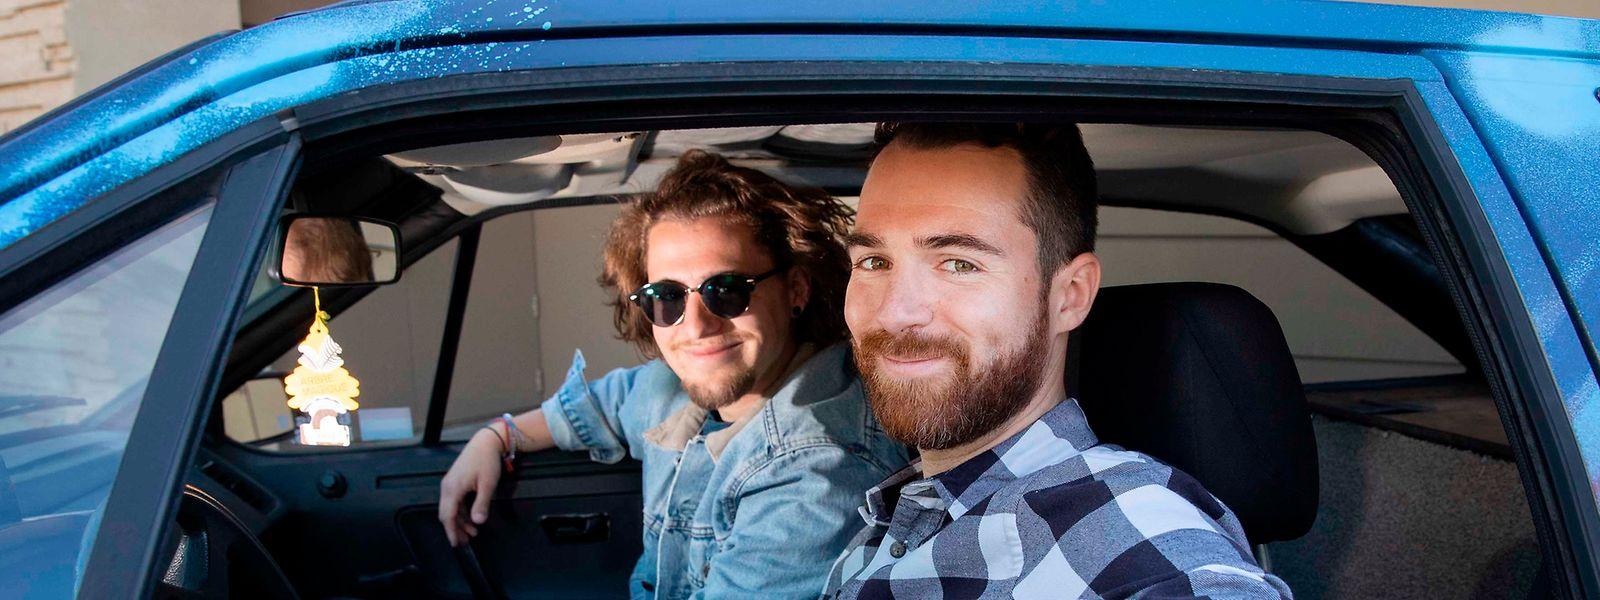 """Sie haben """"keine Ahnung von Autos"""" und nehmen dennoch an einer Rallye teil: Gilles Vasseur (r) und Pier Schmitz (l) wollen damit ihren ganz persönlichen Beitrag zur Flüchtlingsintegration in Luxemburg leisten."""